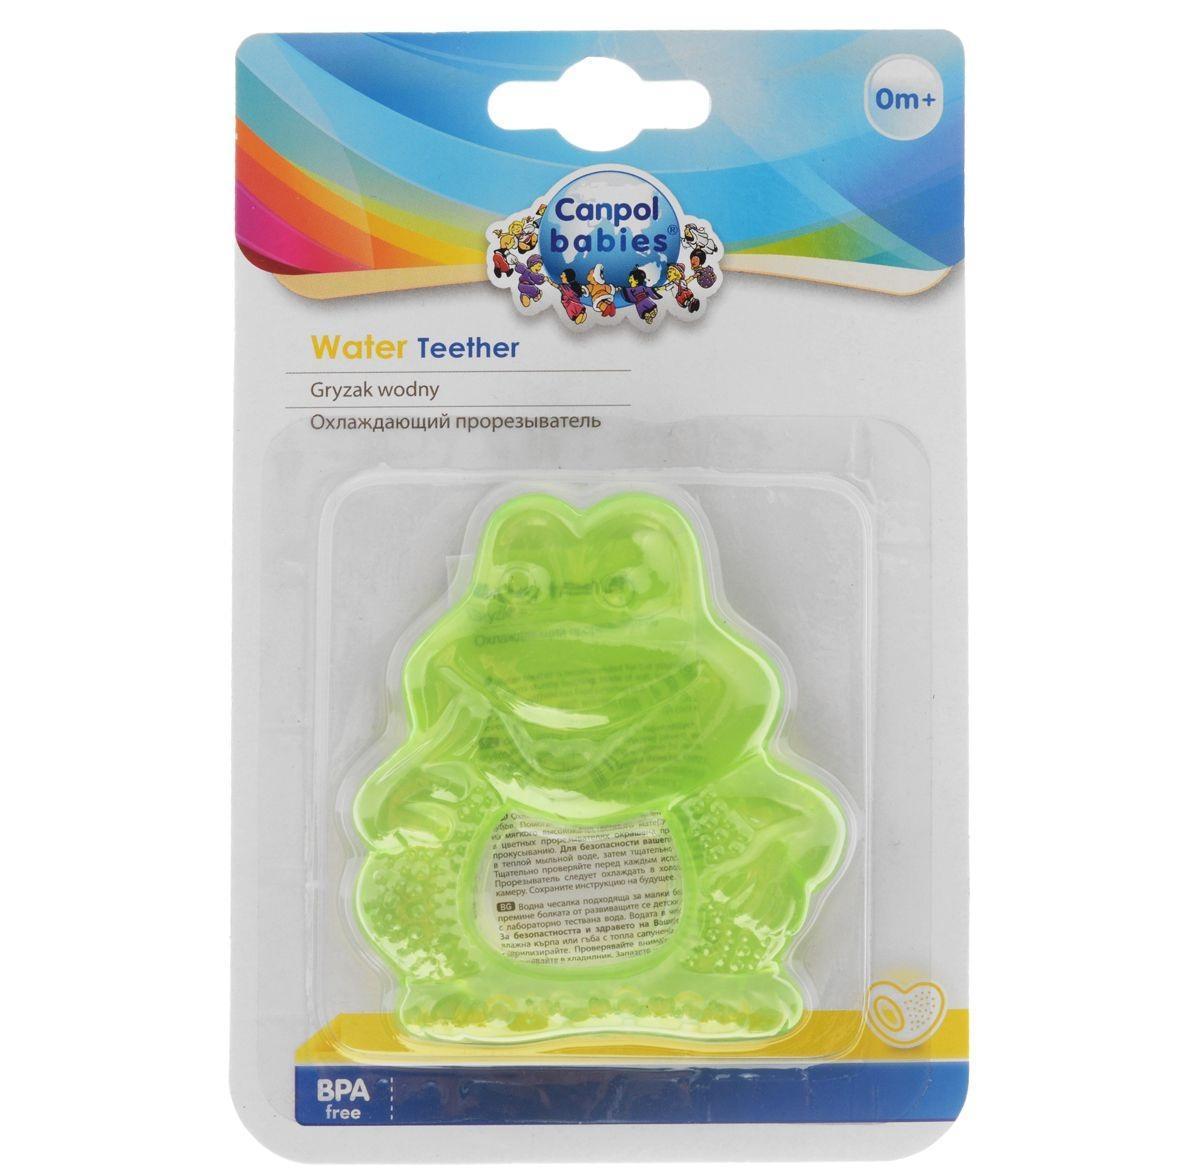 Прорезыватель Canpol Babies Лягушонок, охлаждающий, цвет: зеленый canpol babies прорезыватель охлаждающий ягодка цвет красный